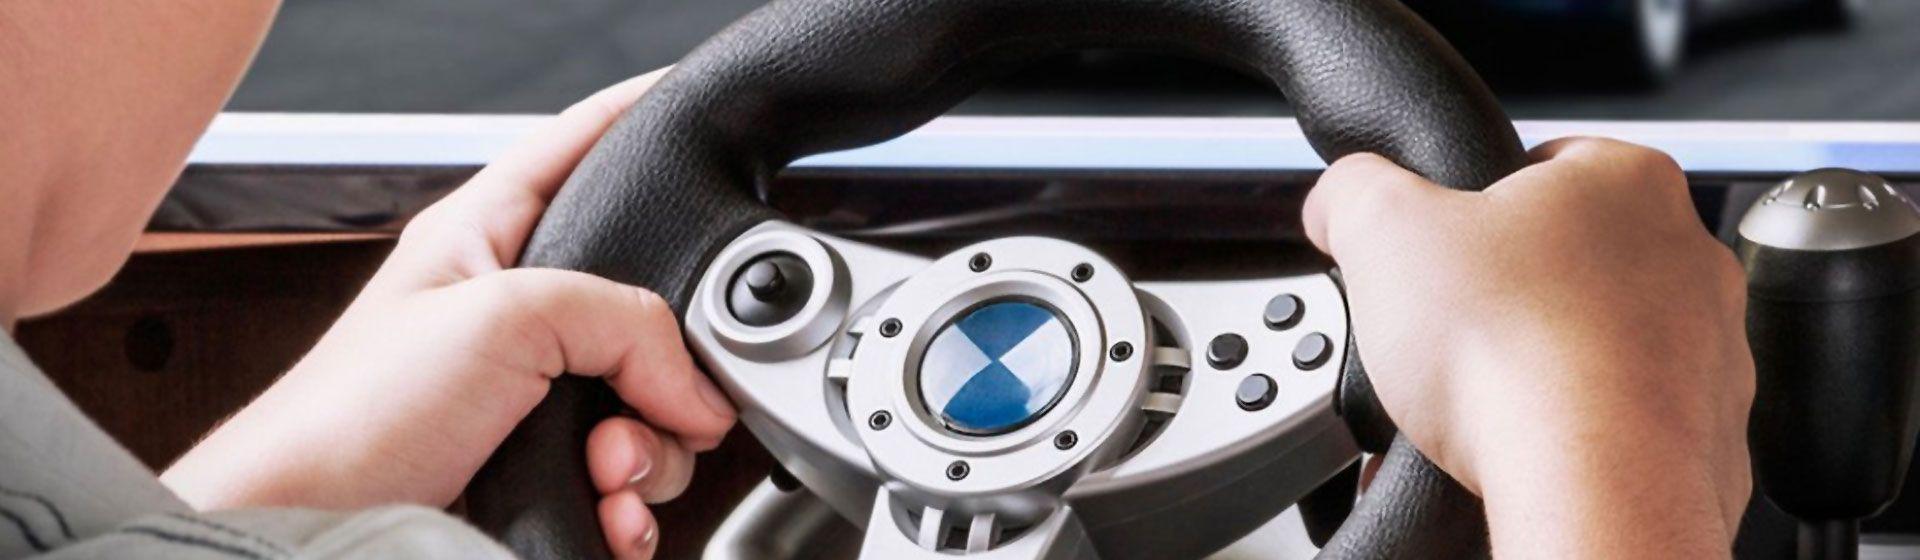 Melhor volante para PC ou consoles em 2021: veja 6 modelos